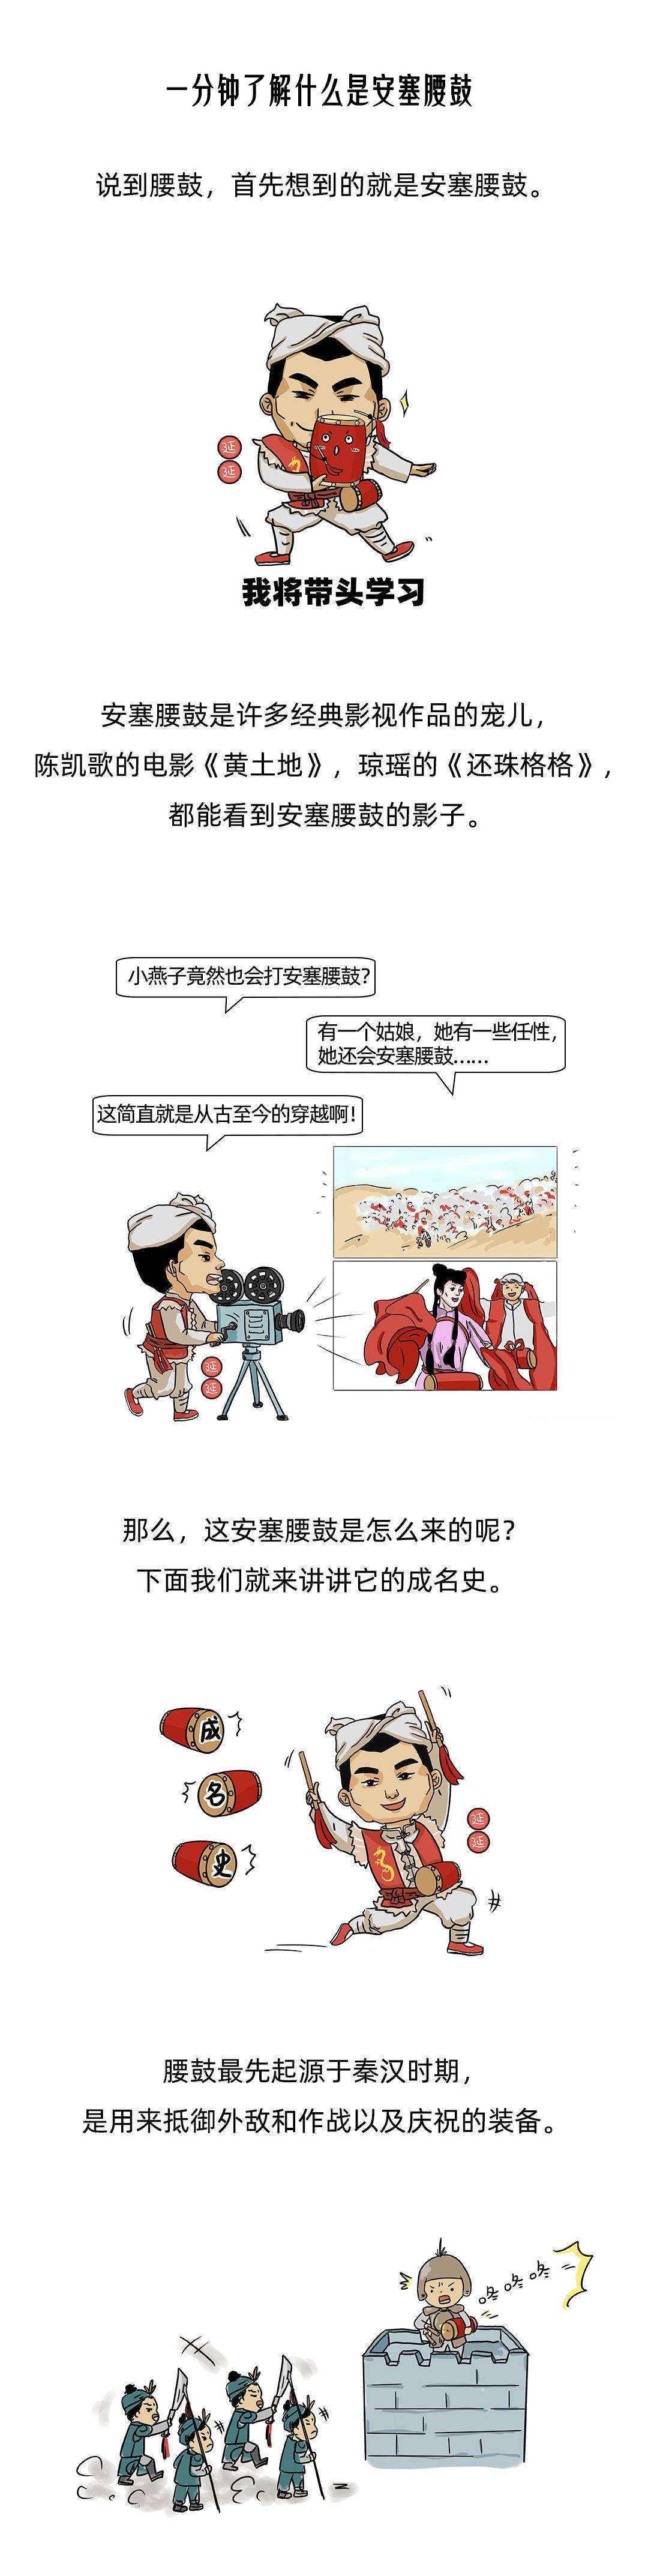 翔云漫画《一分钟了解什么是安塞腰鼓》